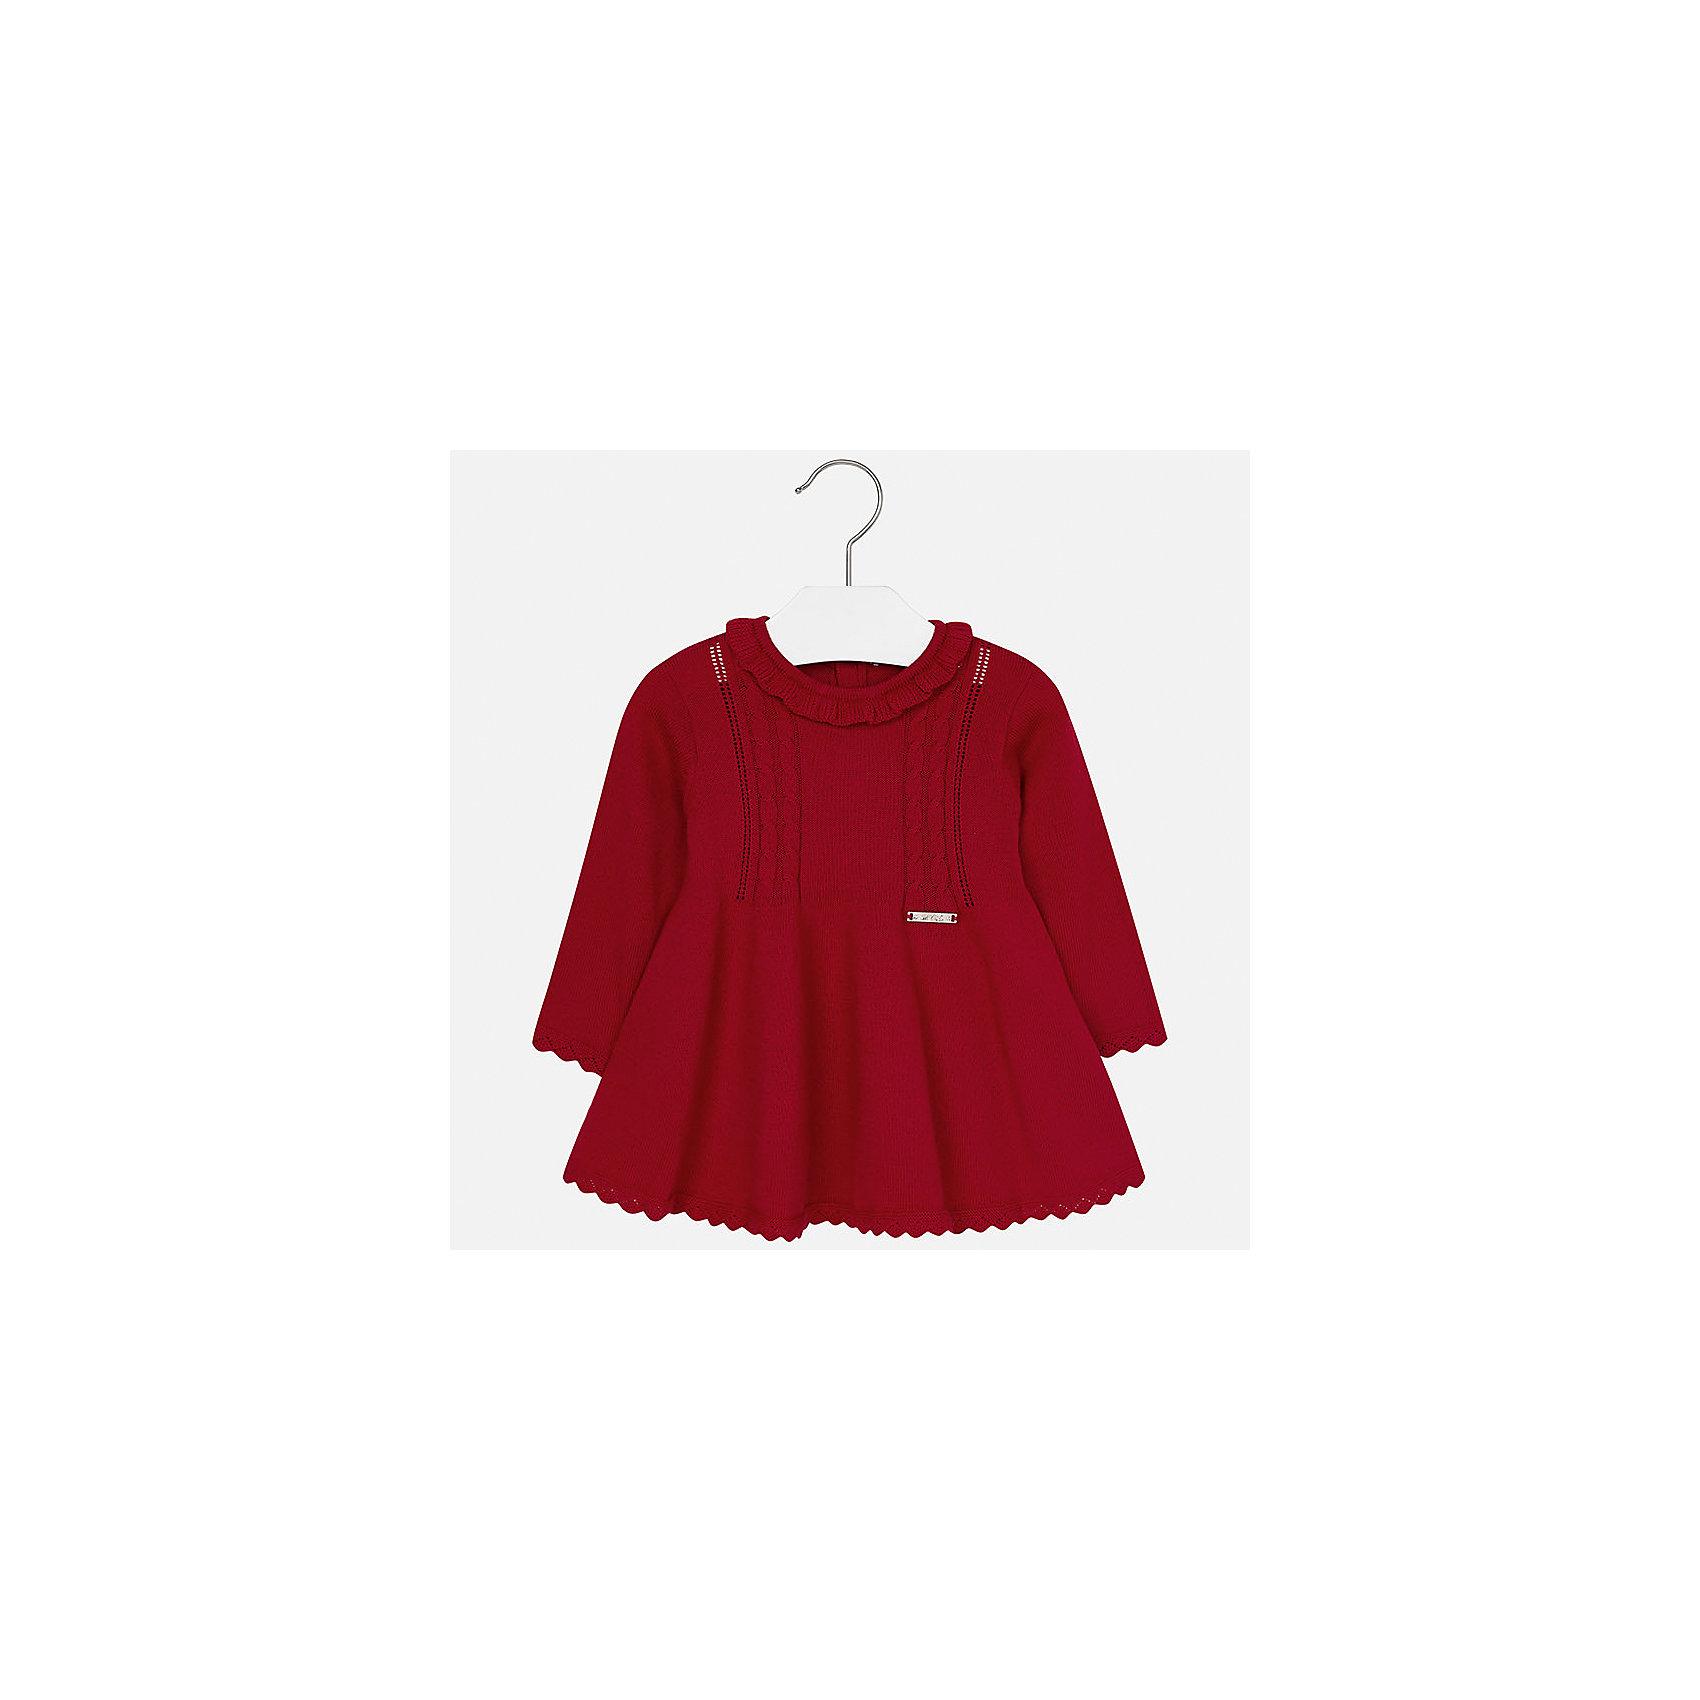 Платье Mayoral для девочкиПлатья<br>Характеристики товара:<br><br>• цвет: красный<br>• состав ткани: 60% хлопок, 30% полиамид, 10% ангора<br>• сезон: демисезон<br>• особенности: вязаный узор<br>• застежка: пуговицы<br>• длинные рукава<br>• страна бренда: Испания<br>• страна изготовитель: Индия<br><br>Детское платье сделано из дышащего приятного на ощупь материала. Благодаря качественной хлопковой пряже детского платья для девочки создаются комфортные условия для тела. Платье для девочки отличается модным дизайном.<br><br>Платье для девочки Mayoral (Майорал) можно купить в нашем интернет-магазине.<br><br>Ширина мм: 236<br>Глубина мм: 16<br>Высота мм: 184<br>Вес г: 177<br>Цвет: красный<br>Возраст от месяцев: 6<br>Возраст до месяцев: 9<br>Пол: Женский<br>Возраст: Детский<br>Размер: 74,98,80,86,92<br>SKU: 6920735